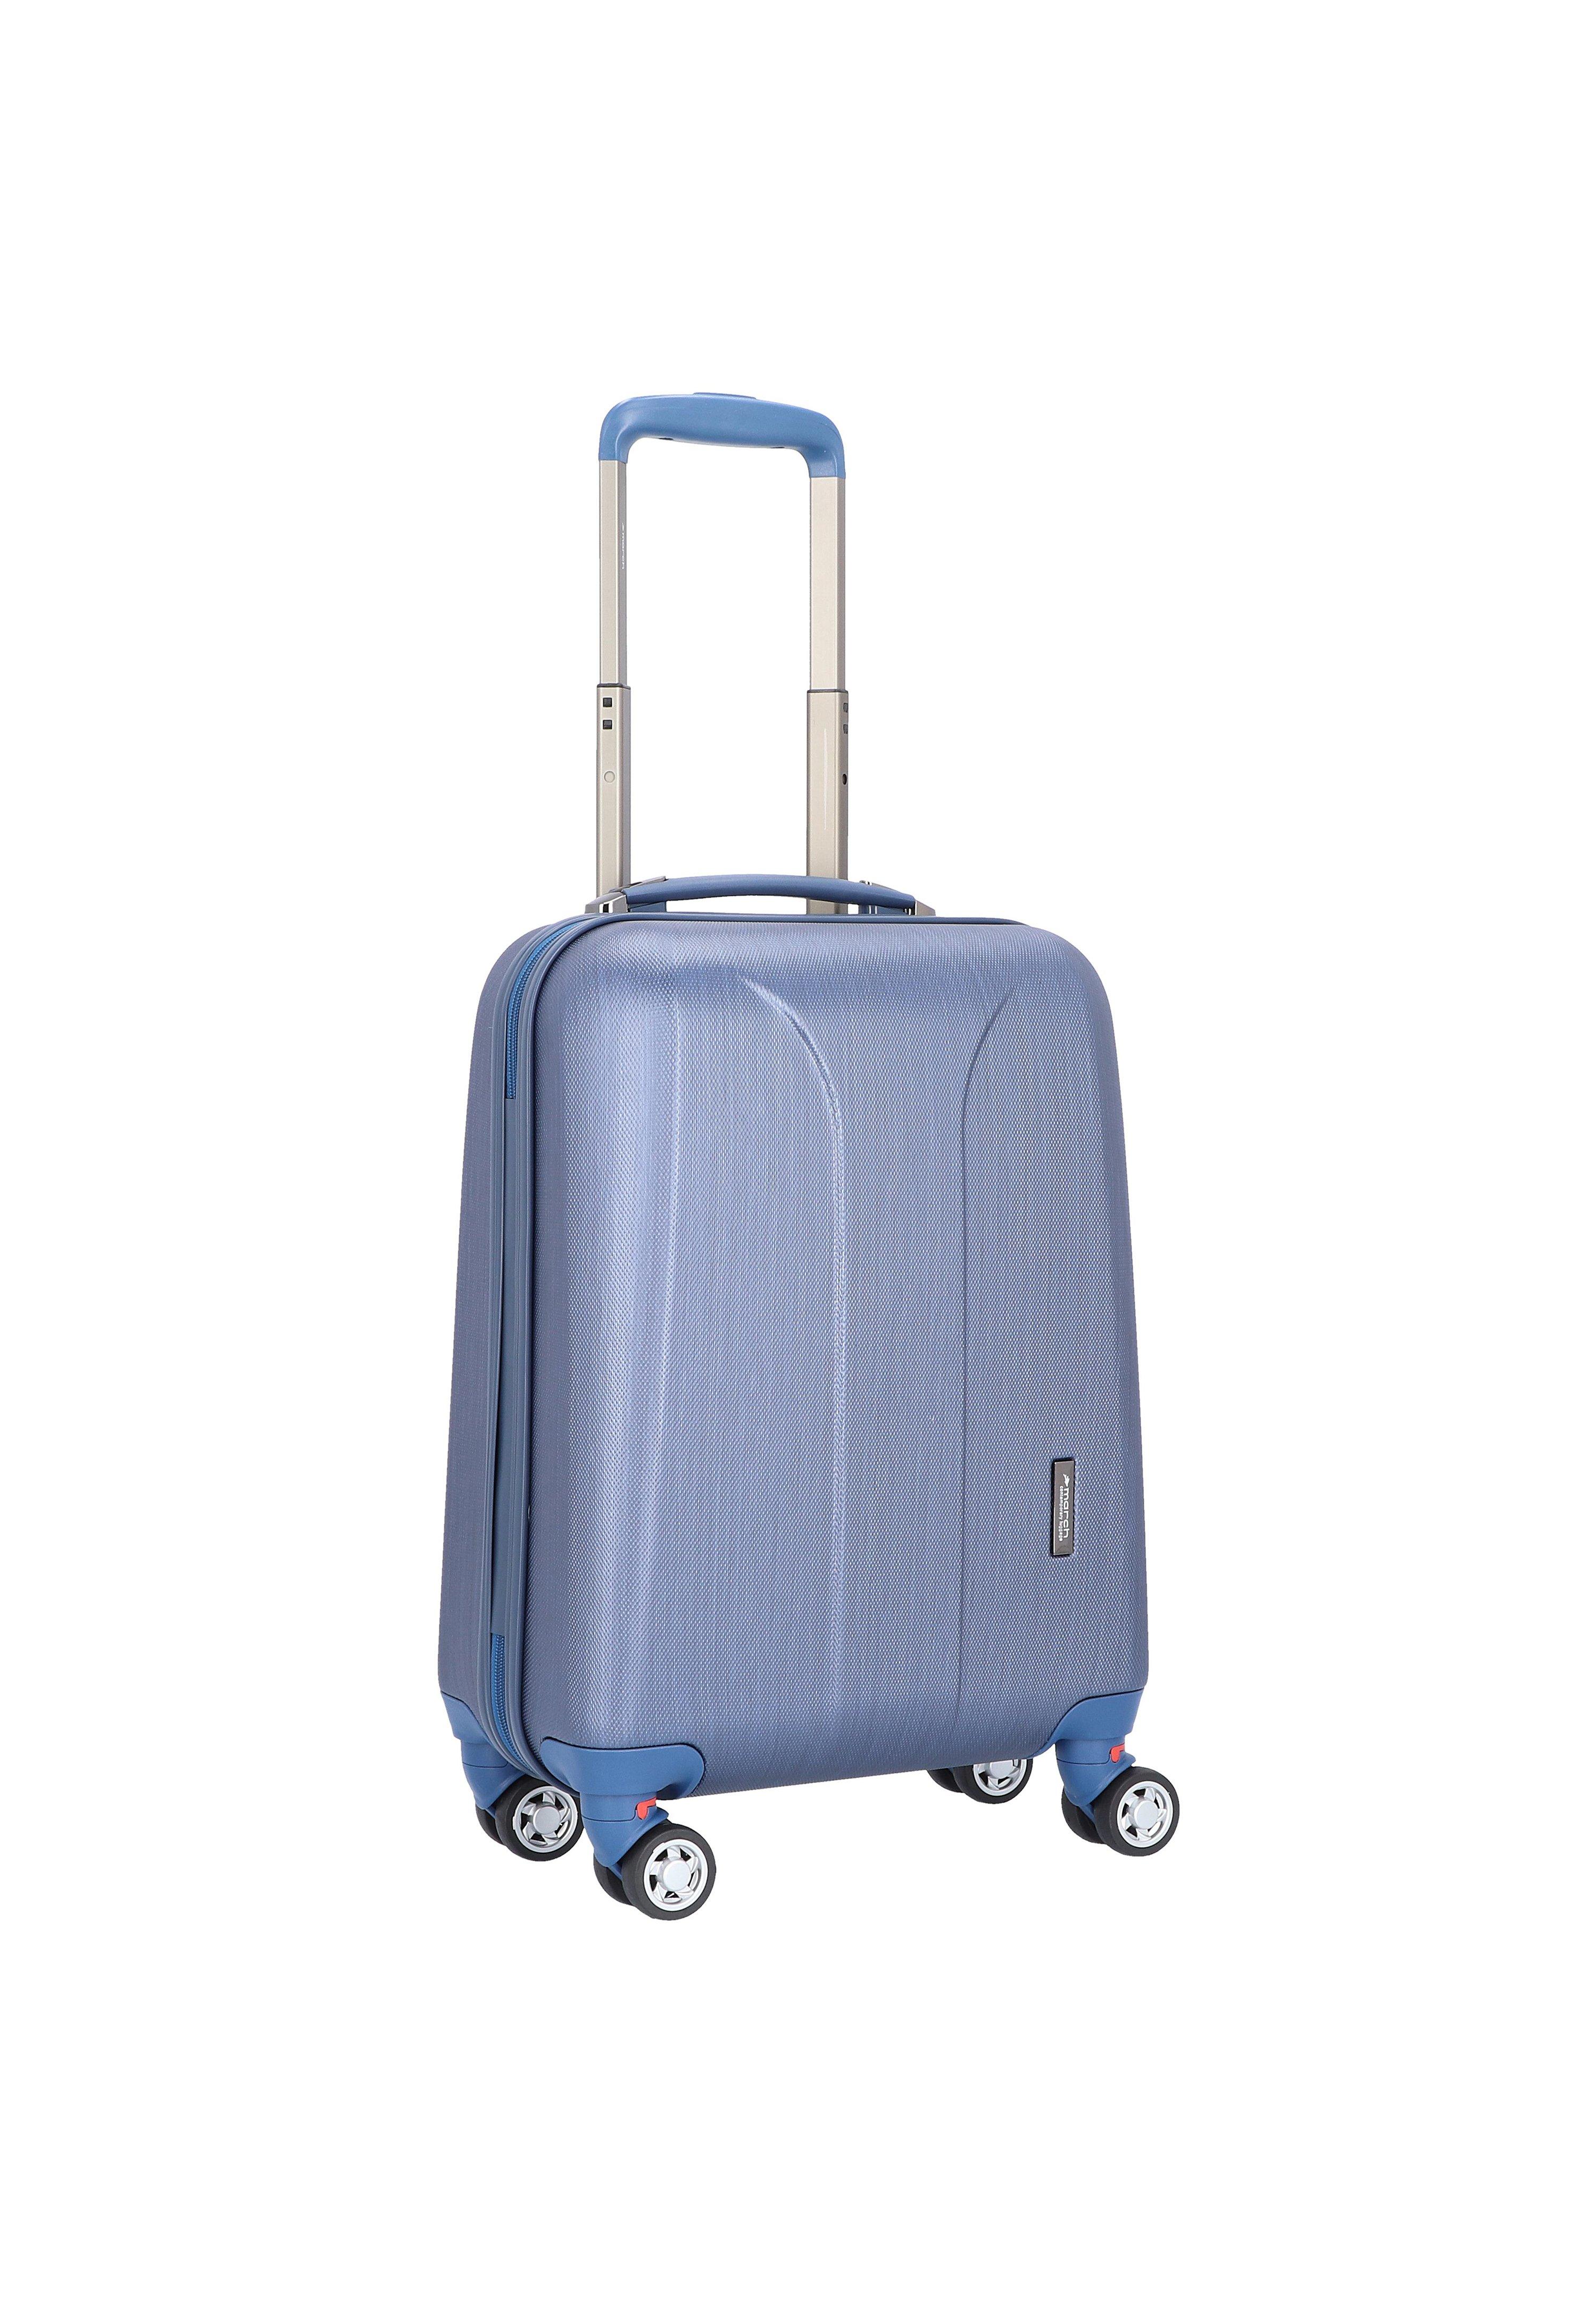 March Luggage Trolley - Blue